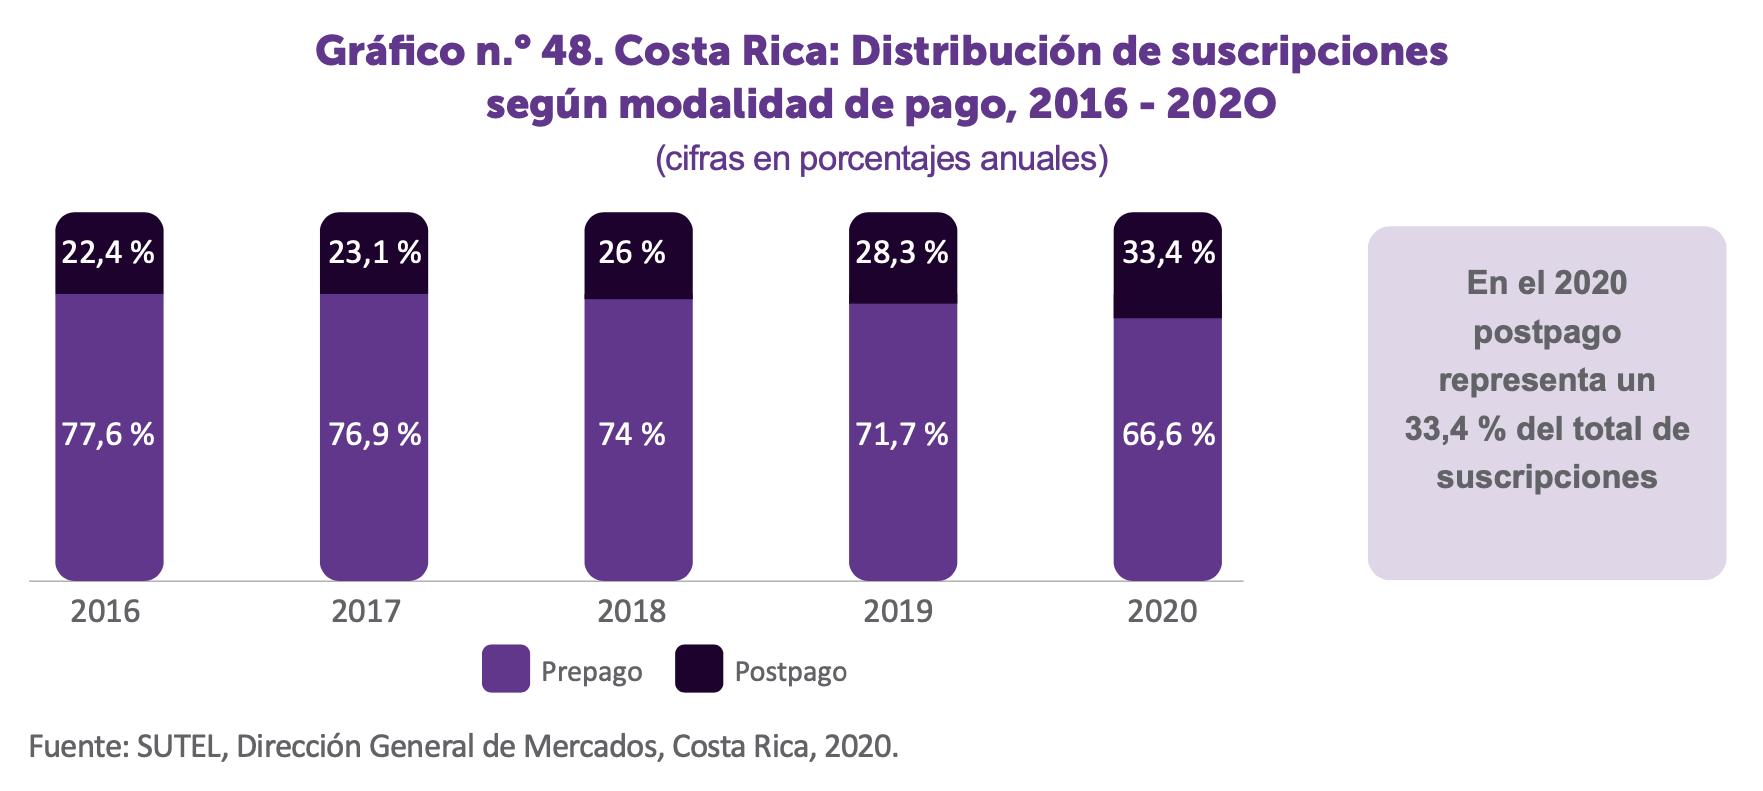 Gráfico distribución de suscripción celular según modalidad de pago